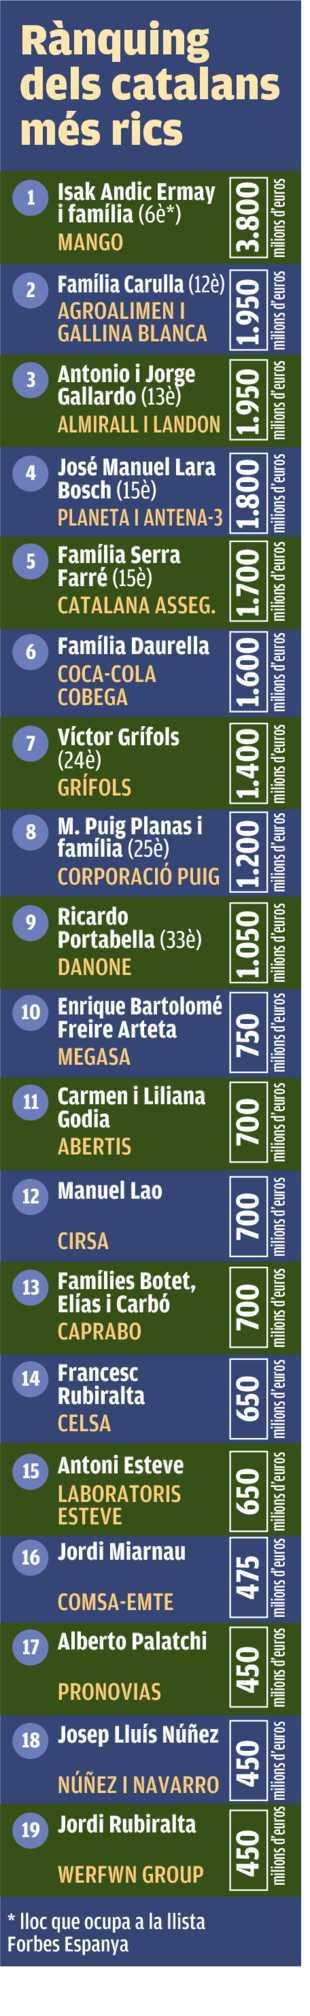 Llista dels 25 catalans que acumulen més riquesa